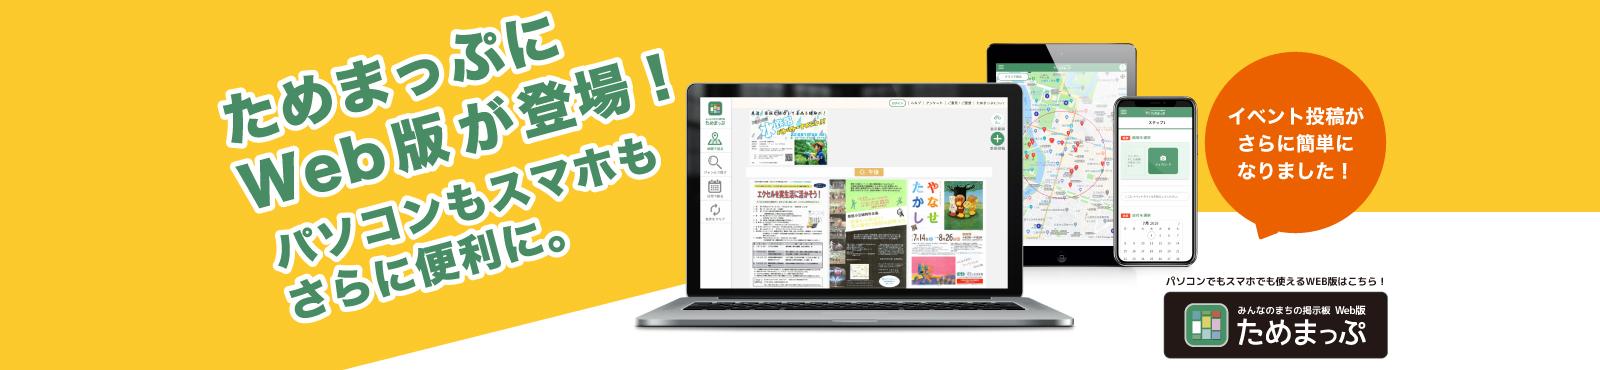 ためまっぷWeb版登場!